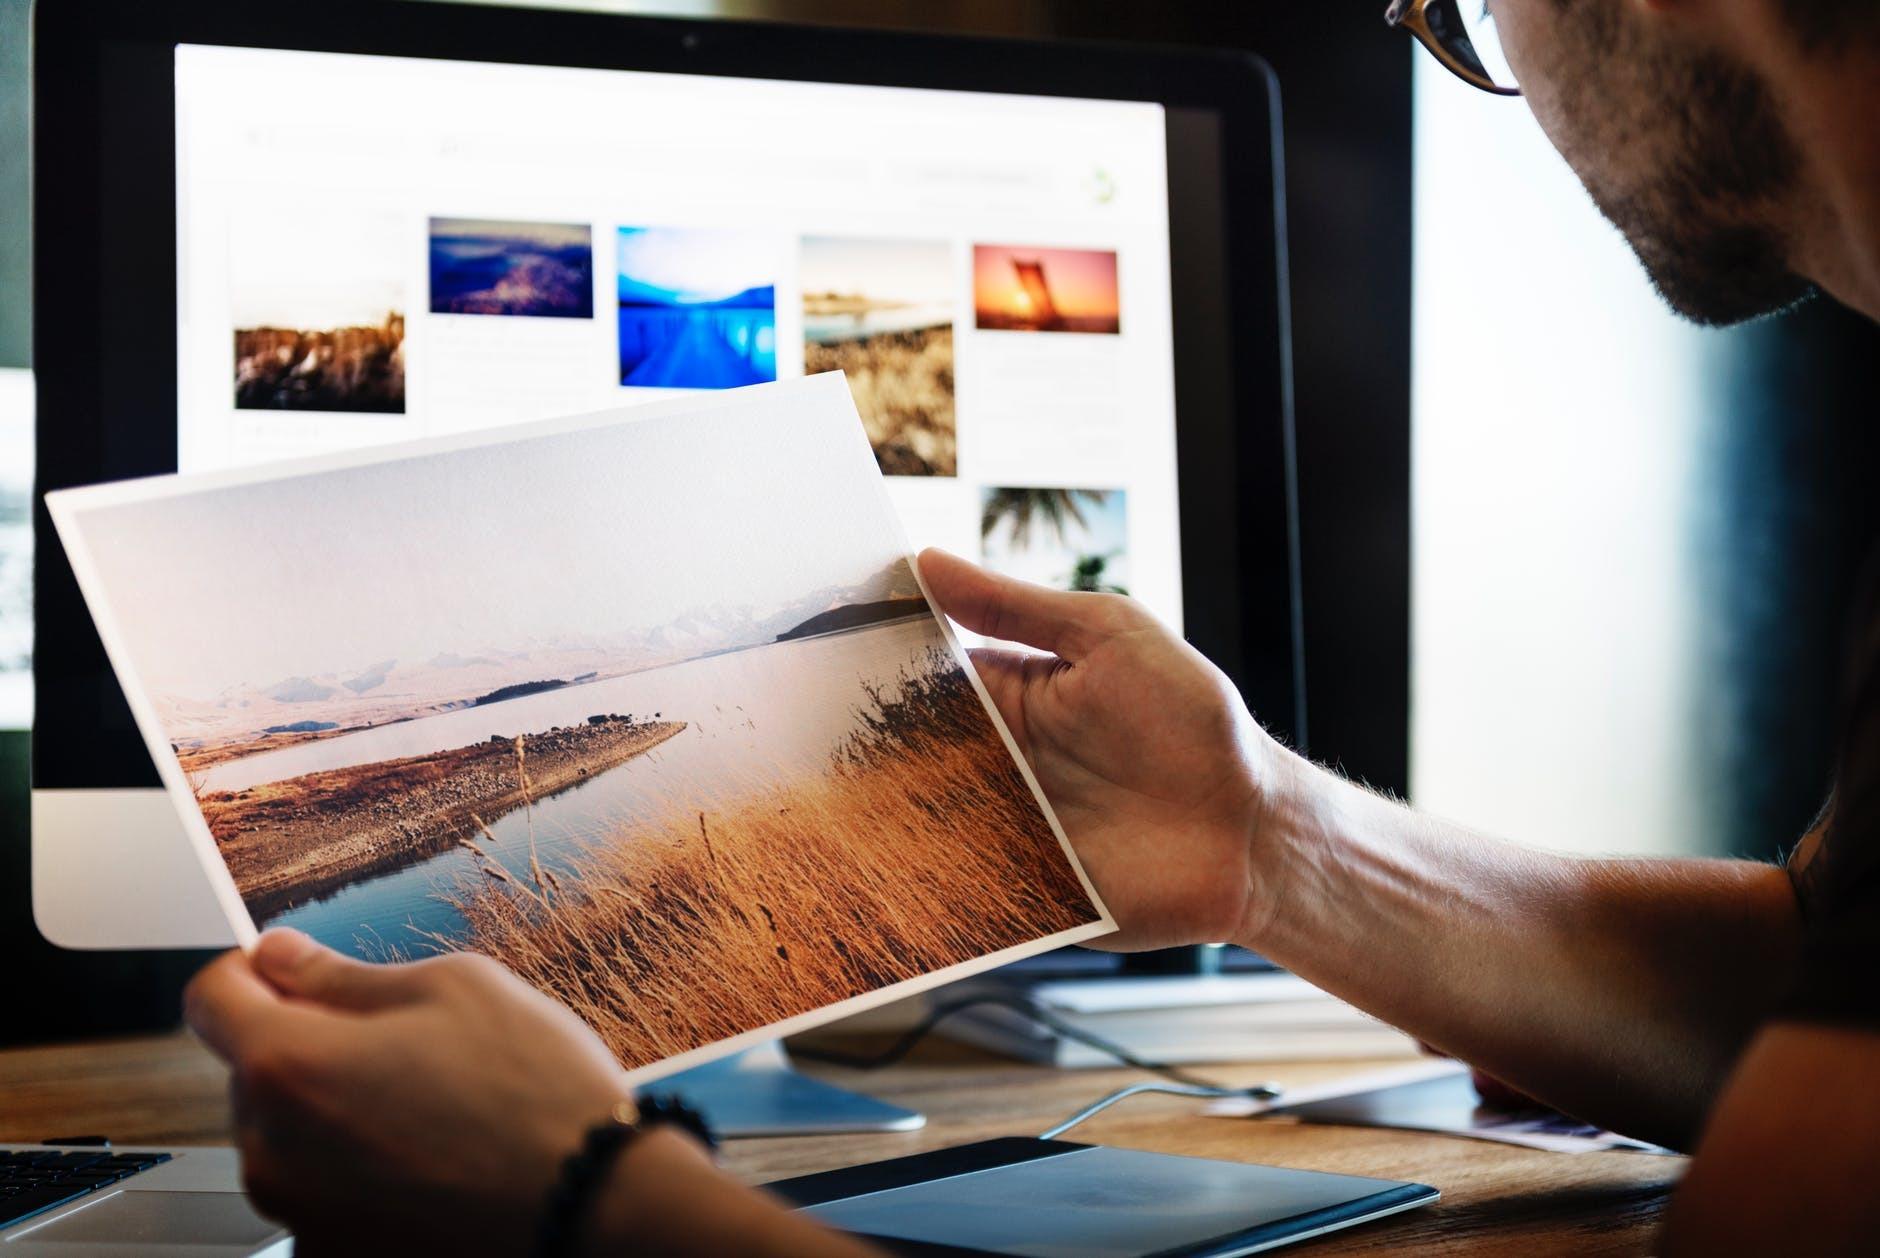 9- Afbeeldingen optimaliseren en beschrijven